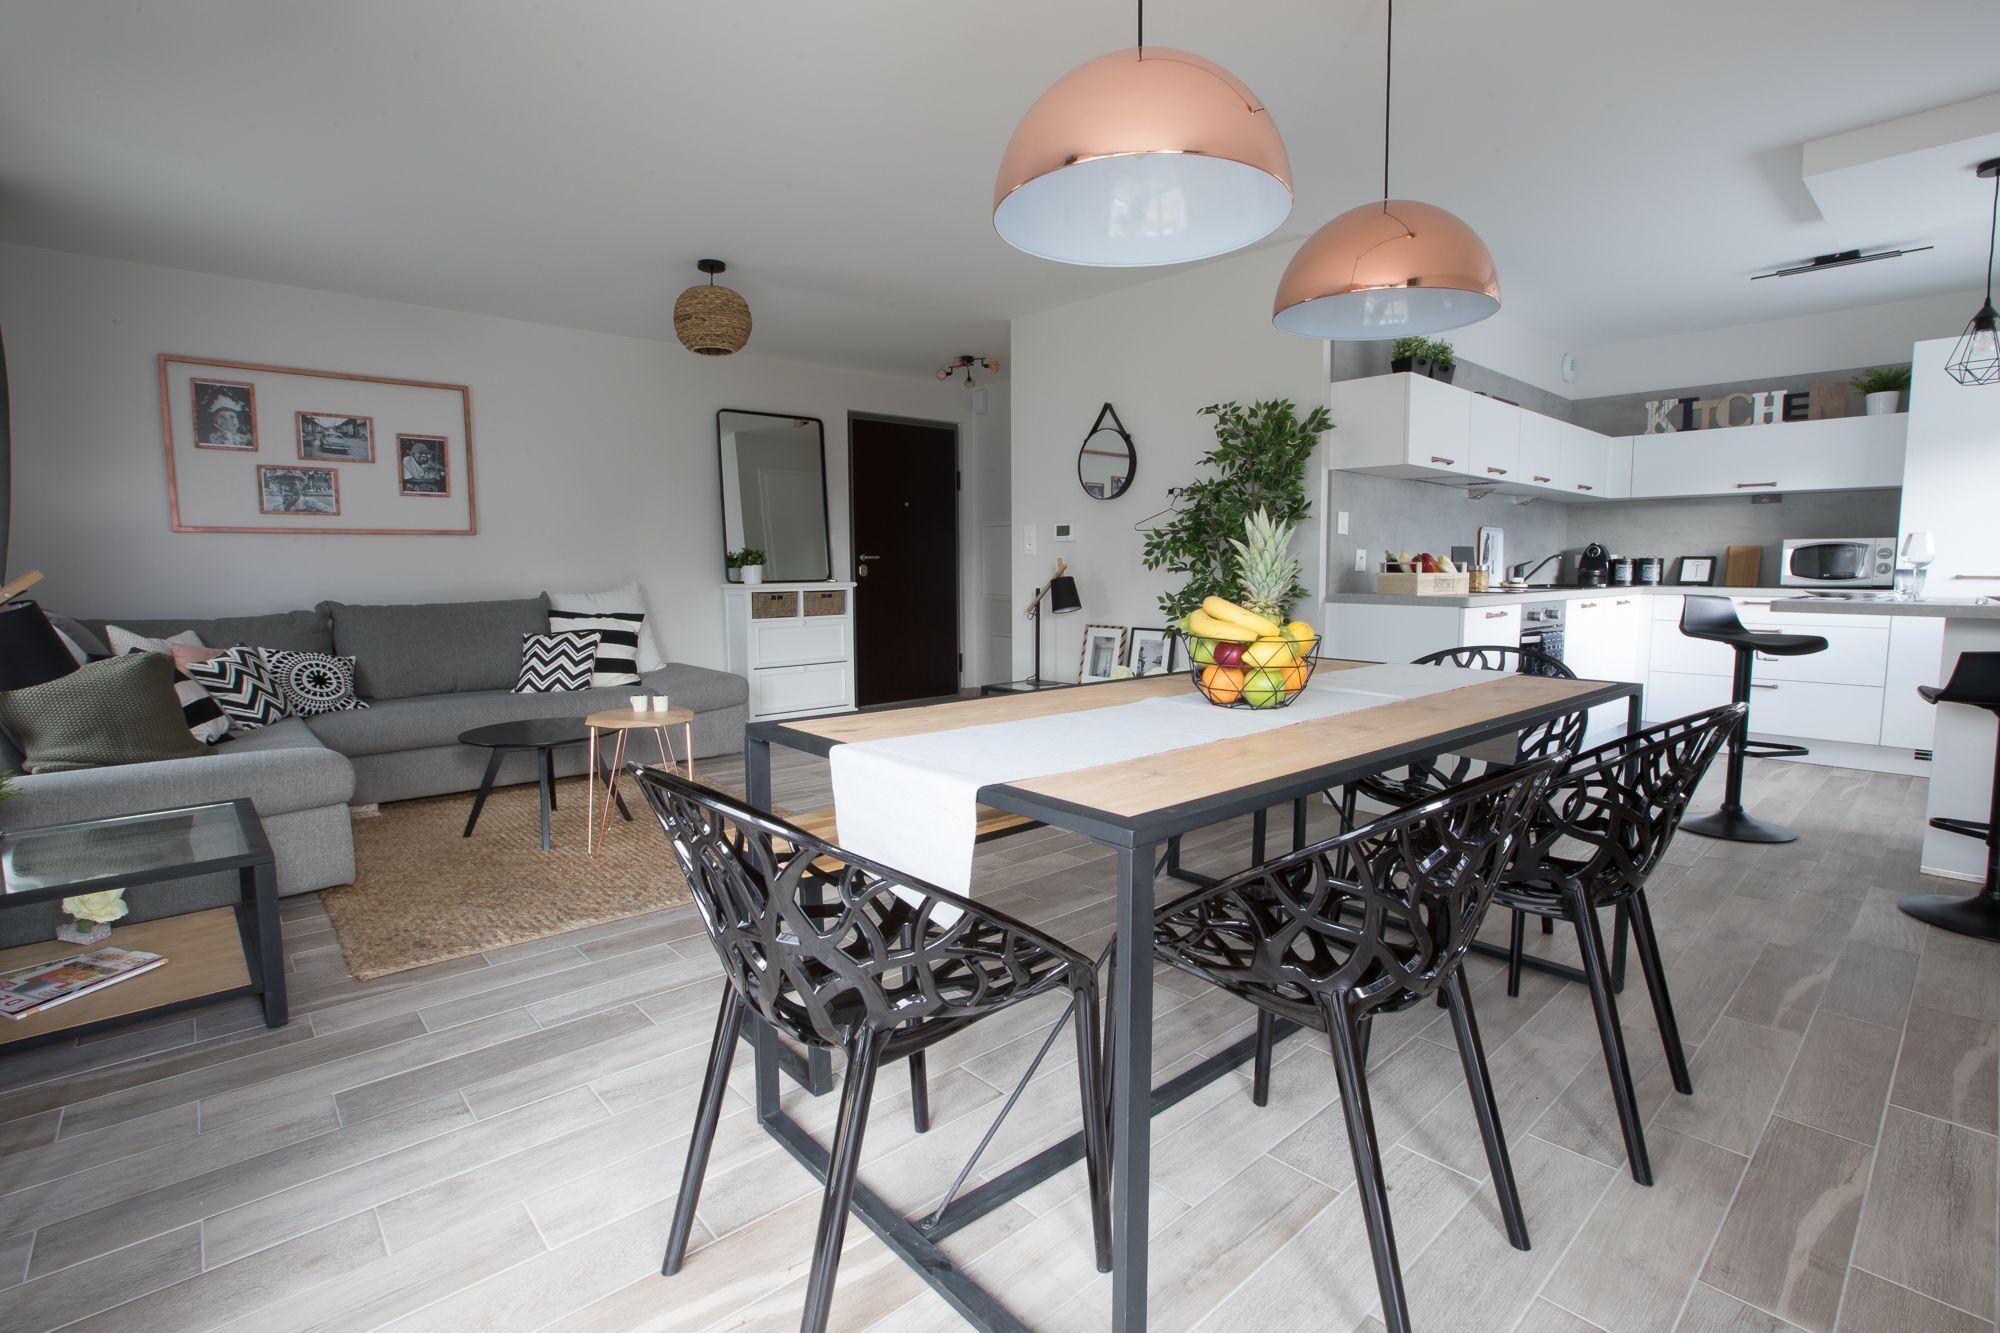 La grande pièce à vivre avec un salon/salle à manger harmonieux où